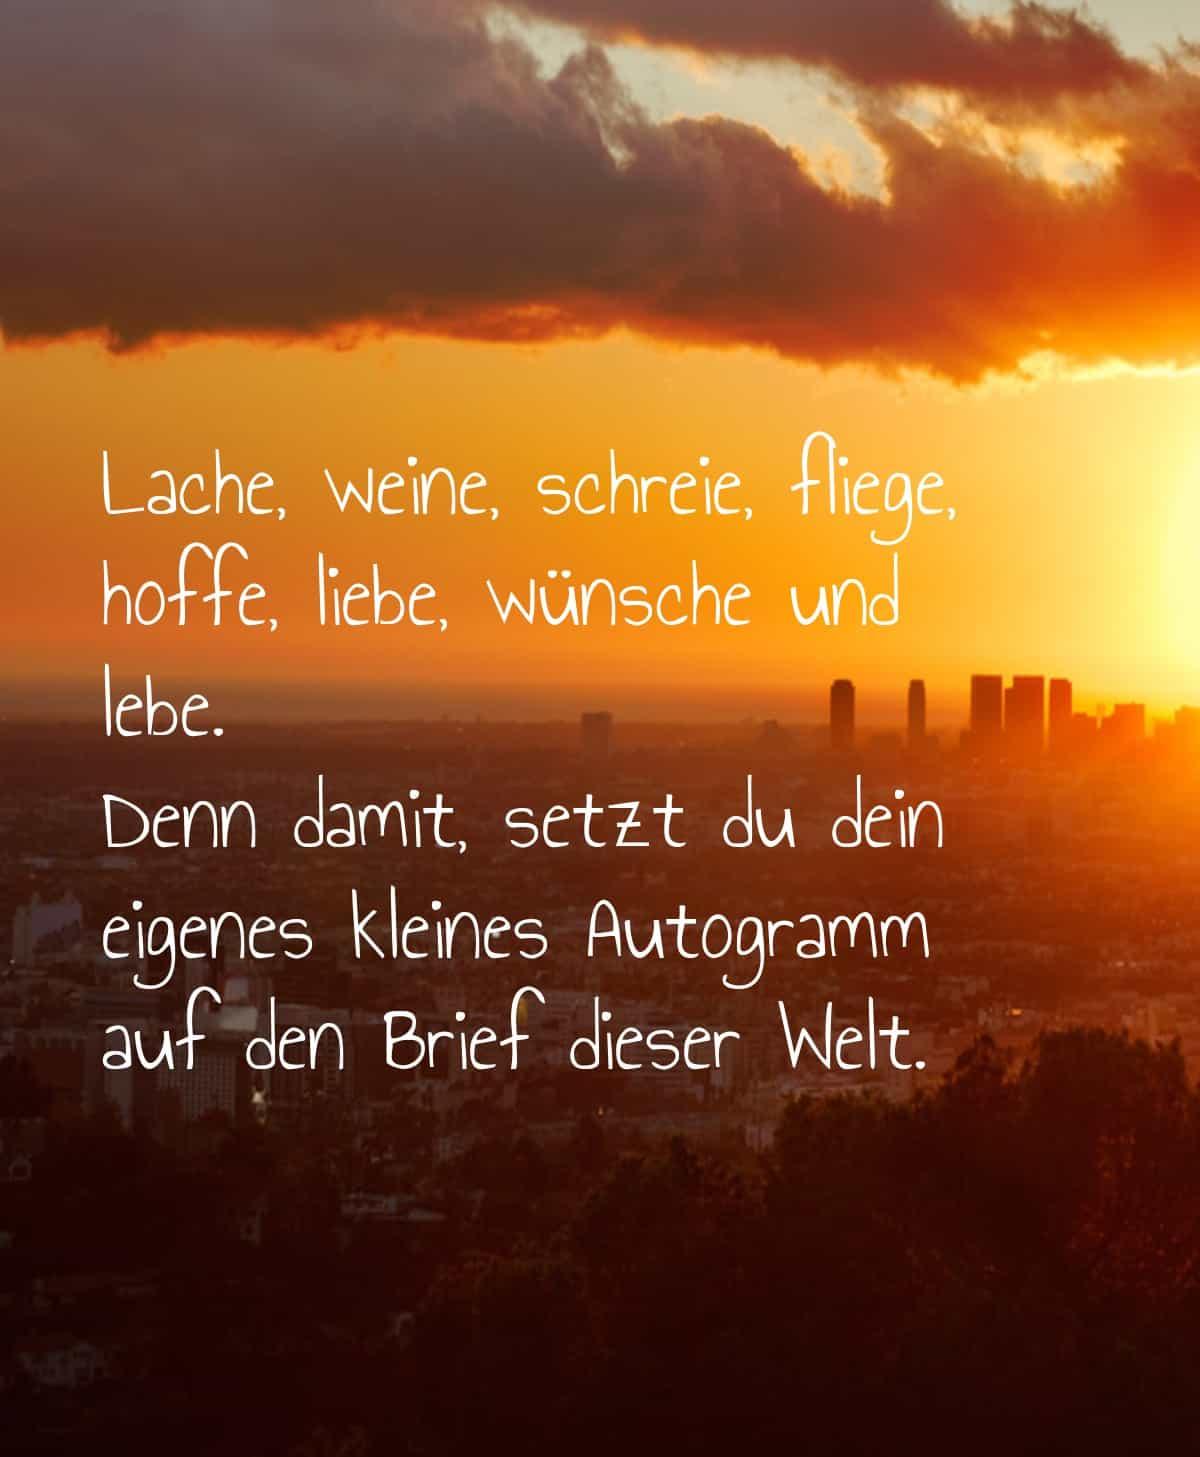 happy birthday lina Lache-weine-schreie-fliege-hoffe-liebe-wuensche-und-lebe-denn-damit-setzt-du-dein-eigenes-kleines-autogramm-auf-den-brief-dieser-welt